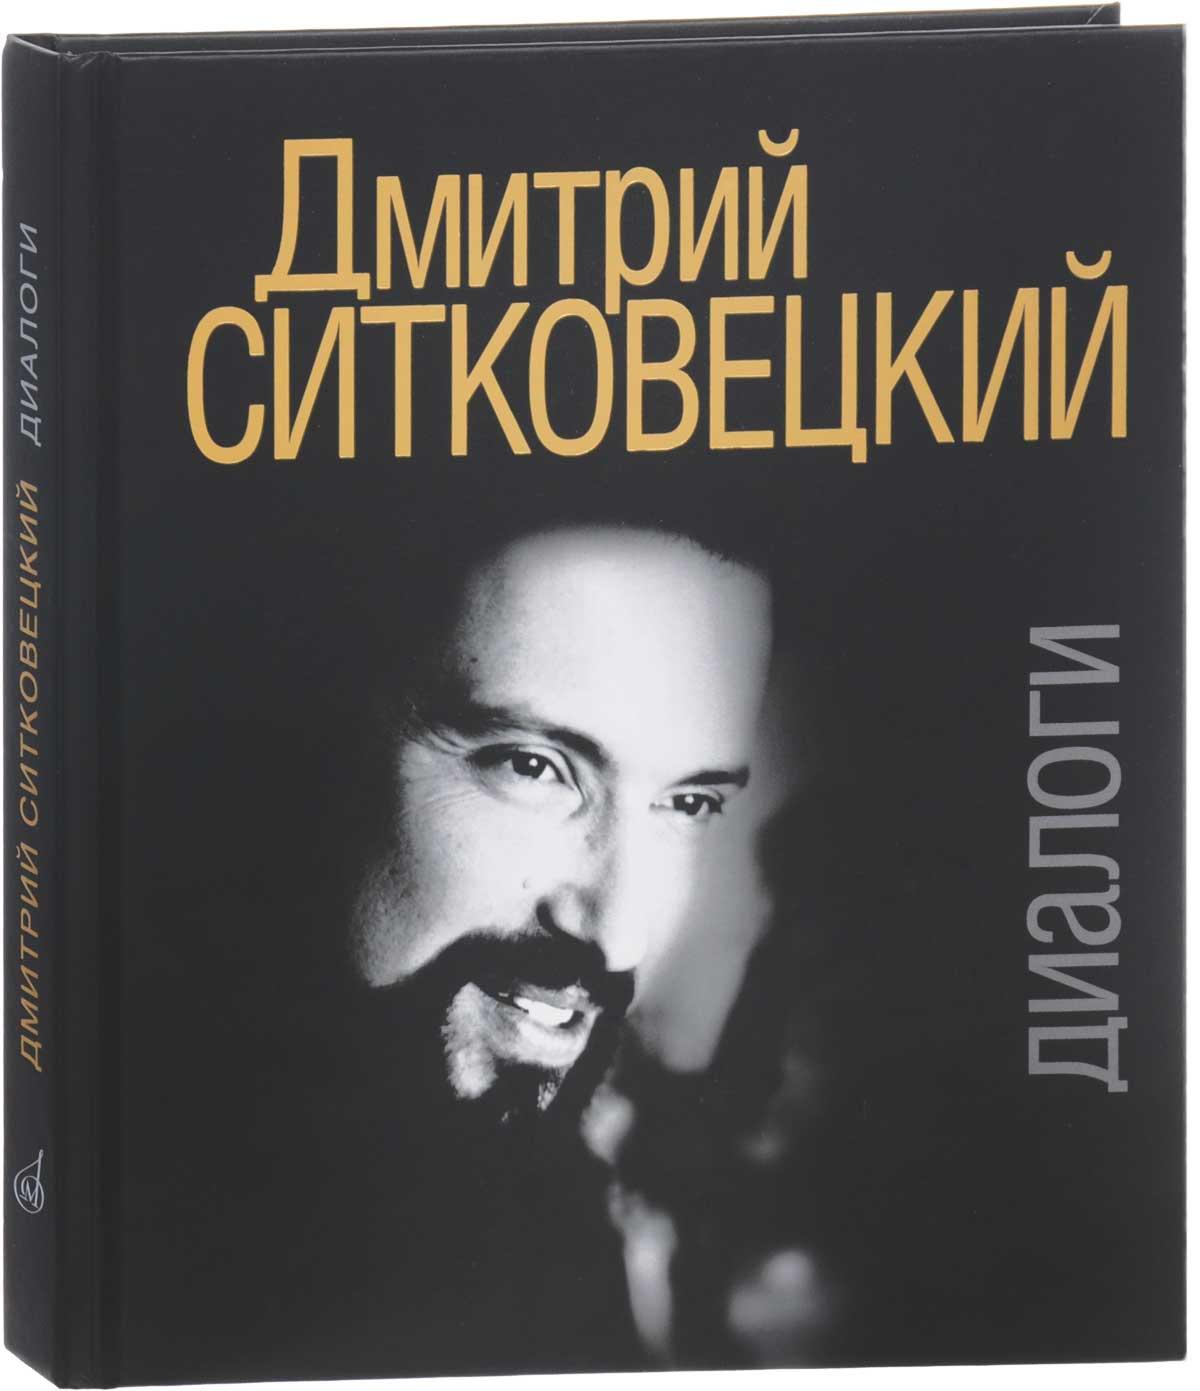 Дмитрий Ситковецкий. Диалоги